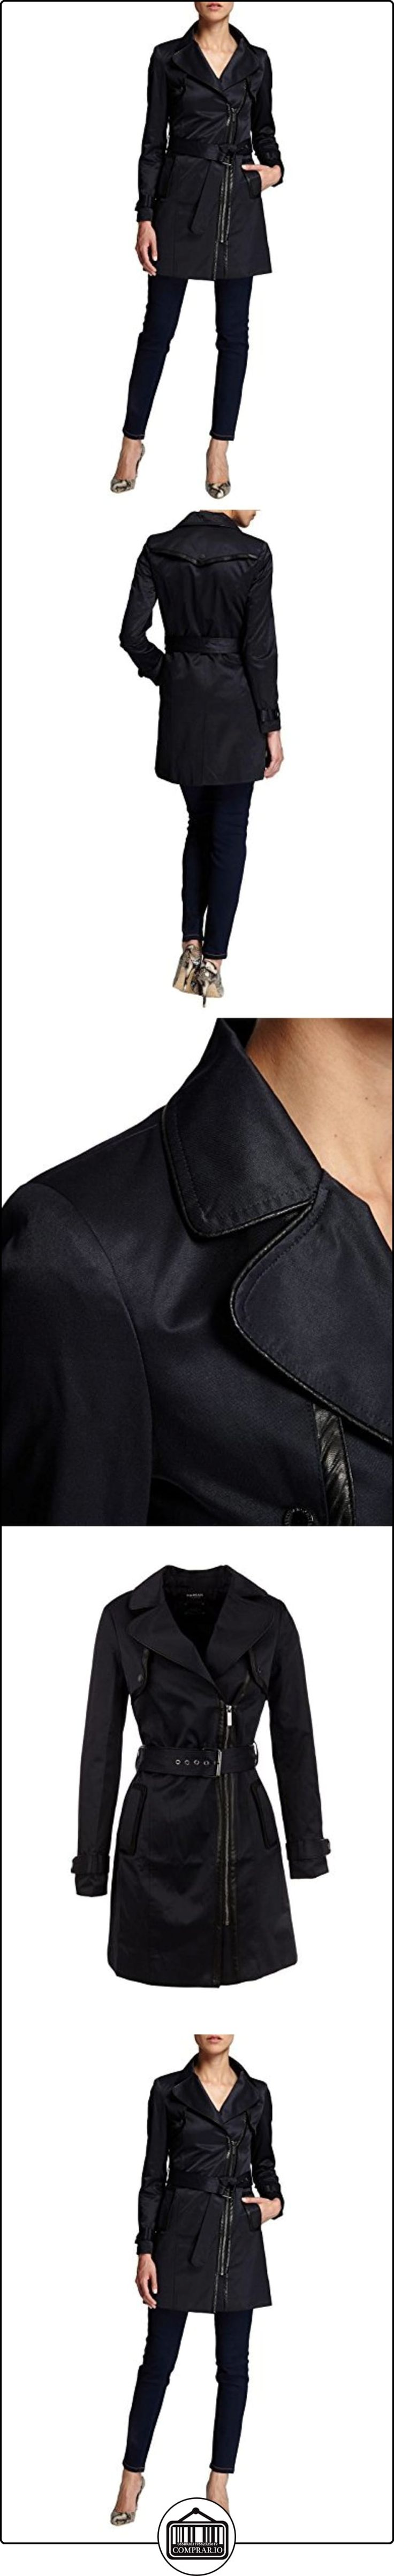 Morgan 152-GRIS.N - Gabardina para mujer, color marine/noir, talla 38  ✿ Abrigos y chaquetas ✿